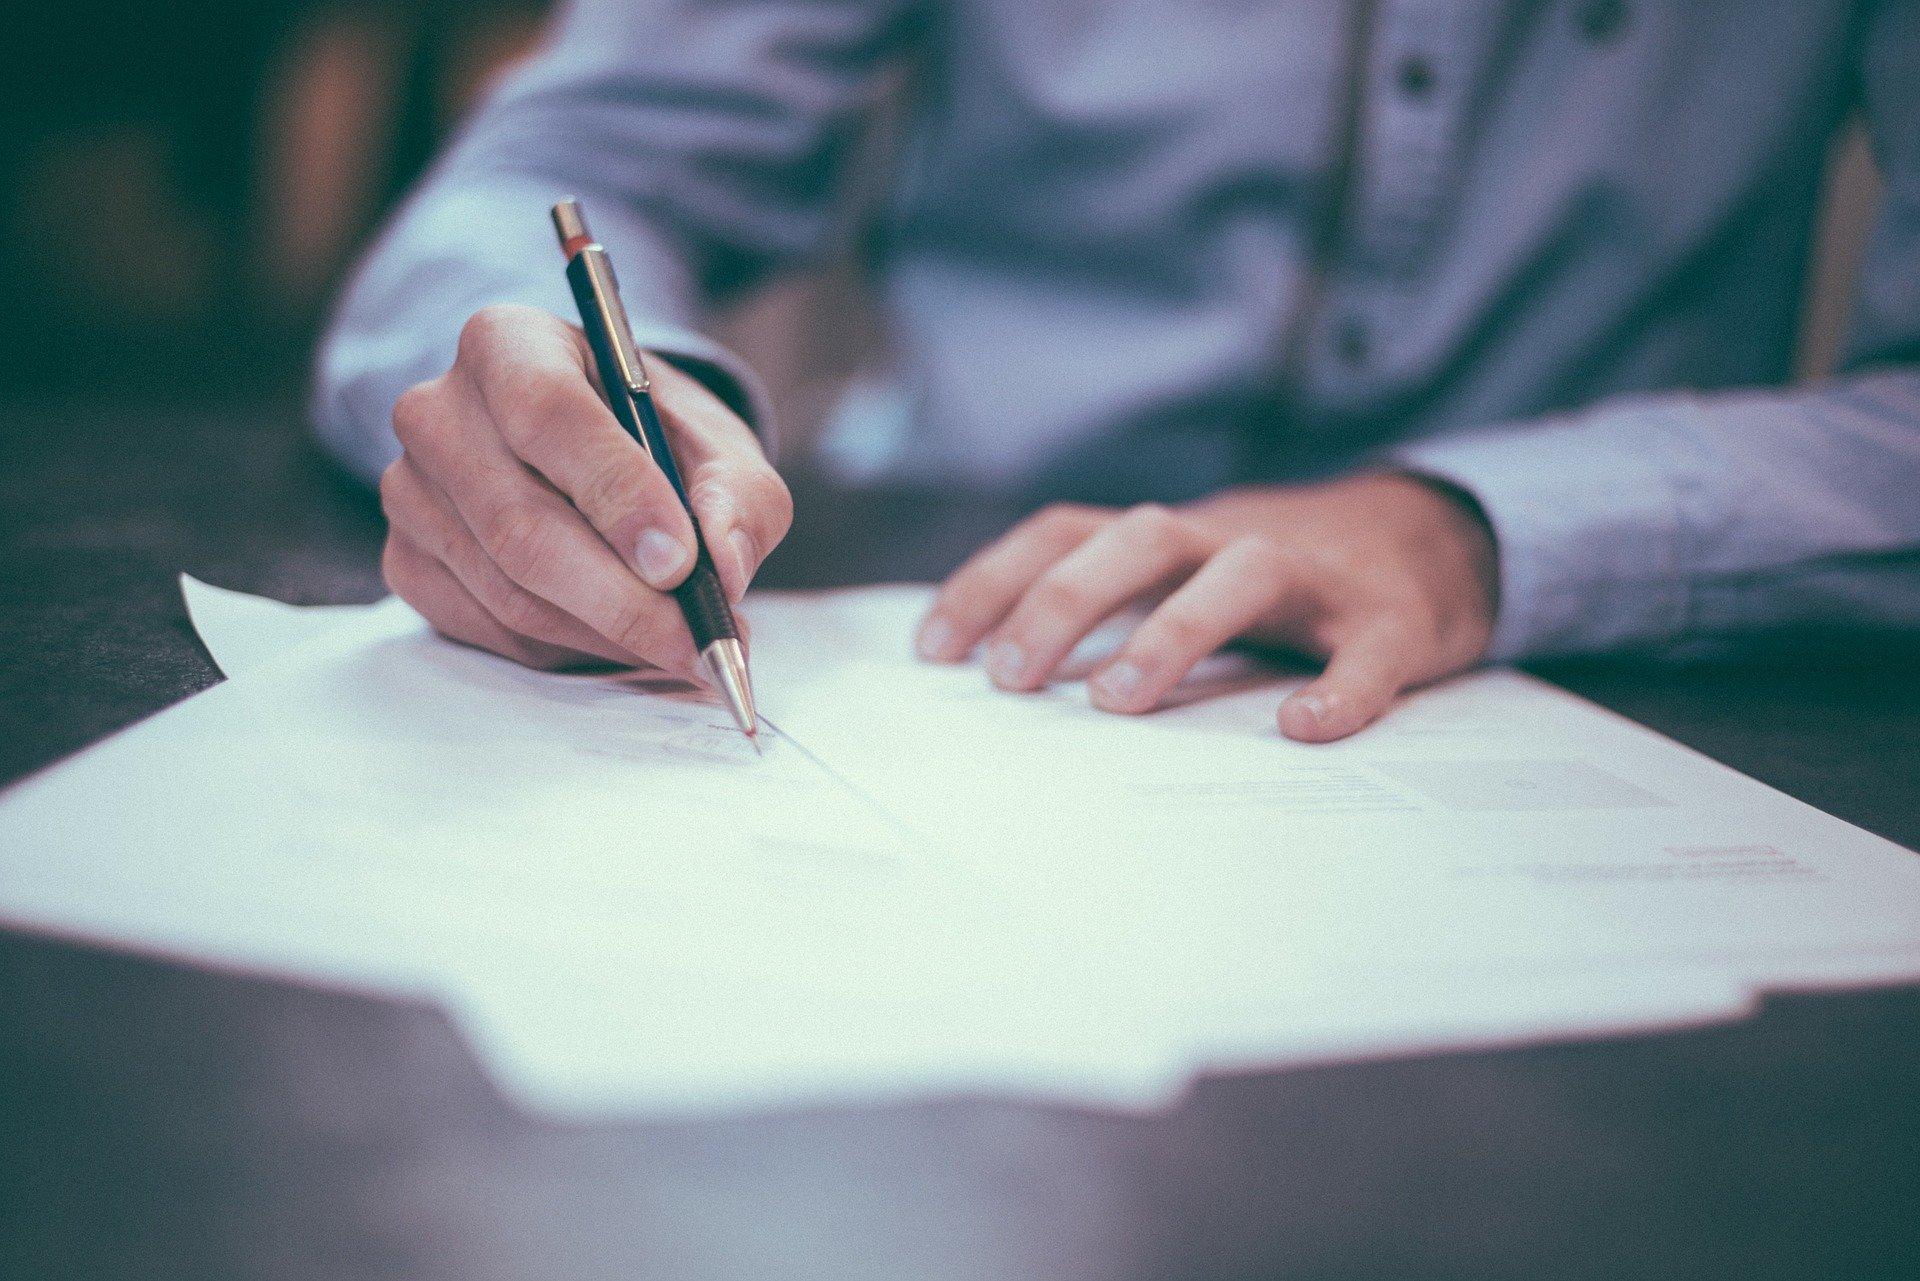 テーブルで書類を書く男性の手元。